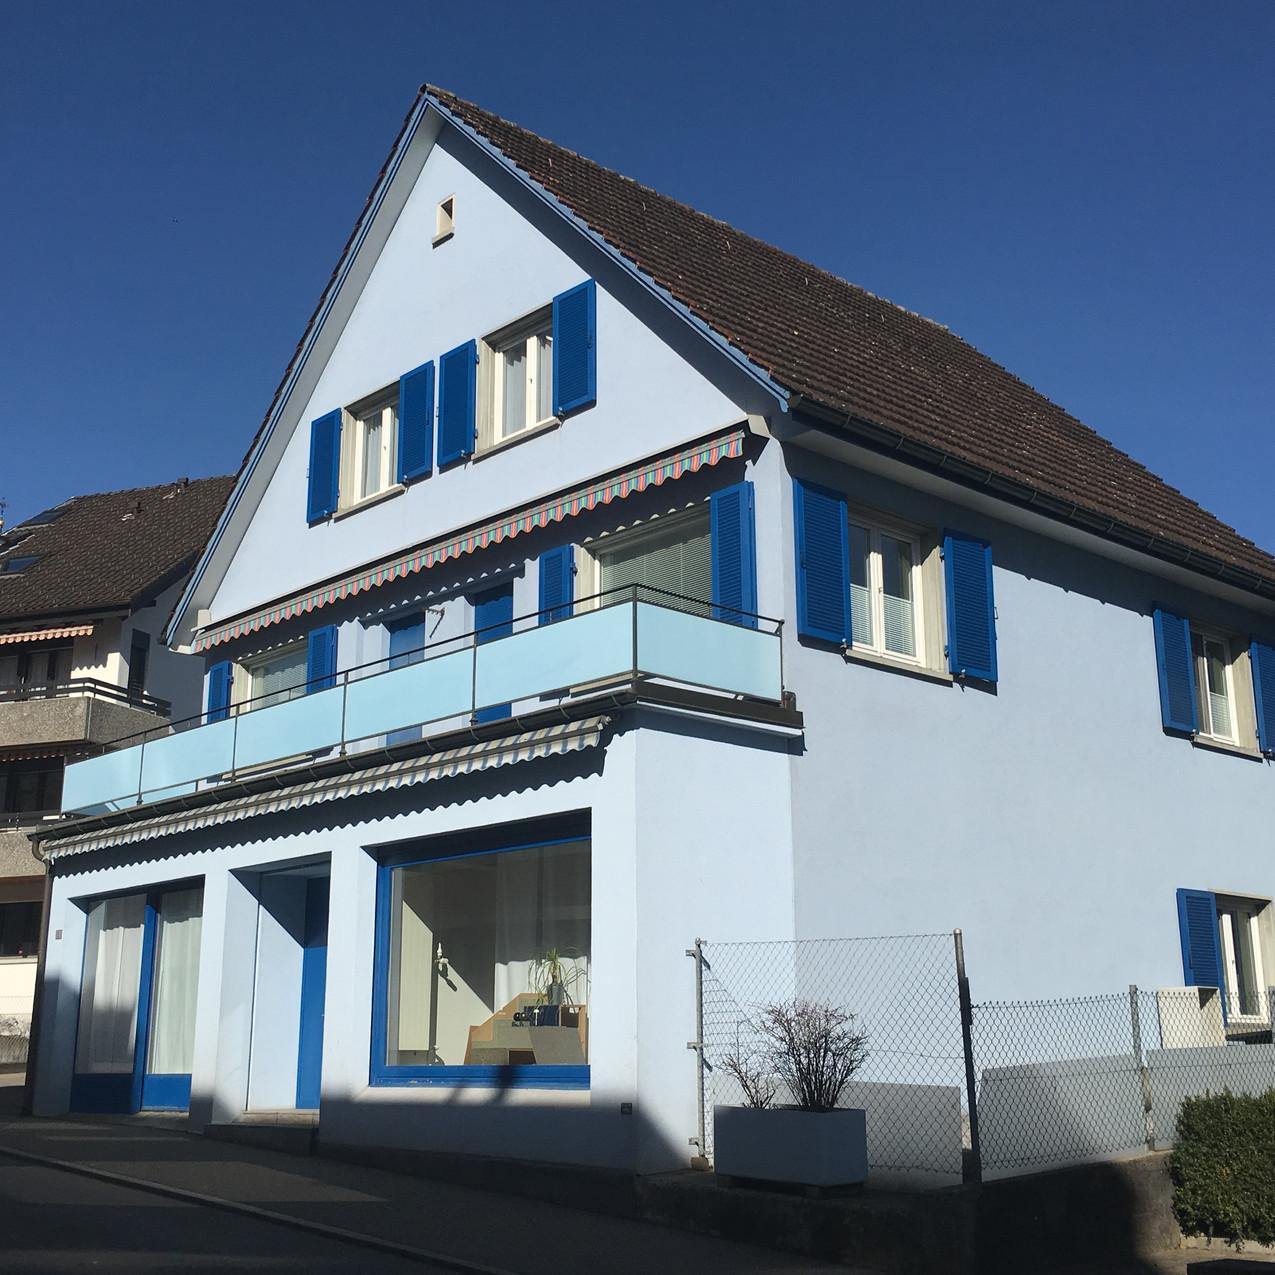 Bahnhofstrasse 5, 8832 Wollerau